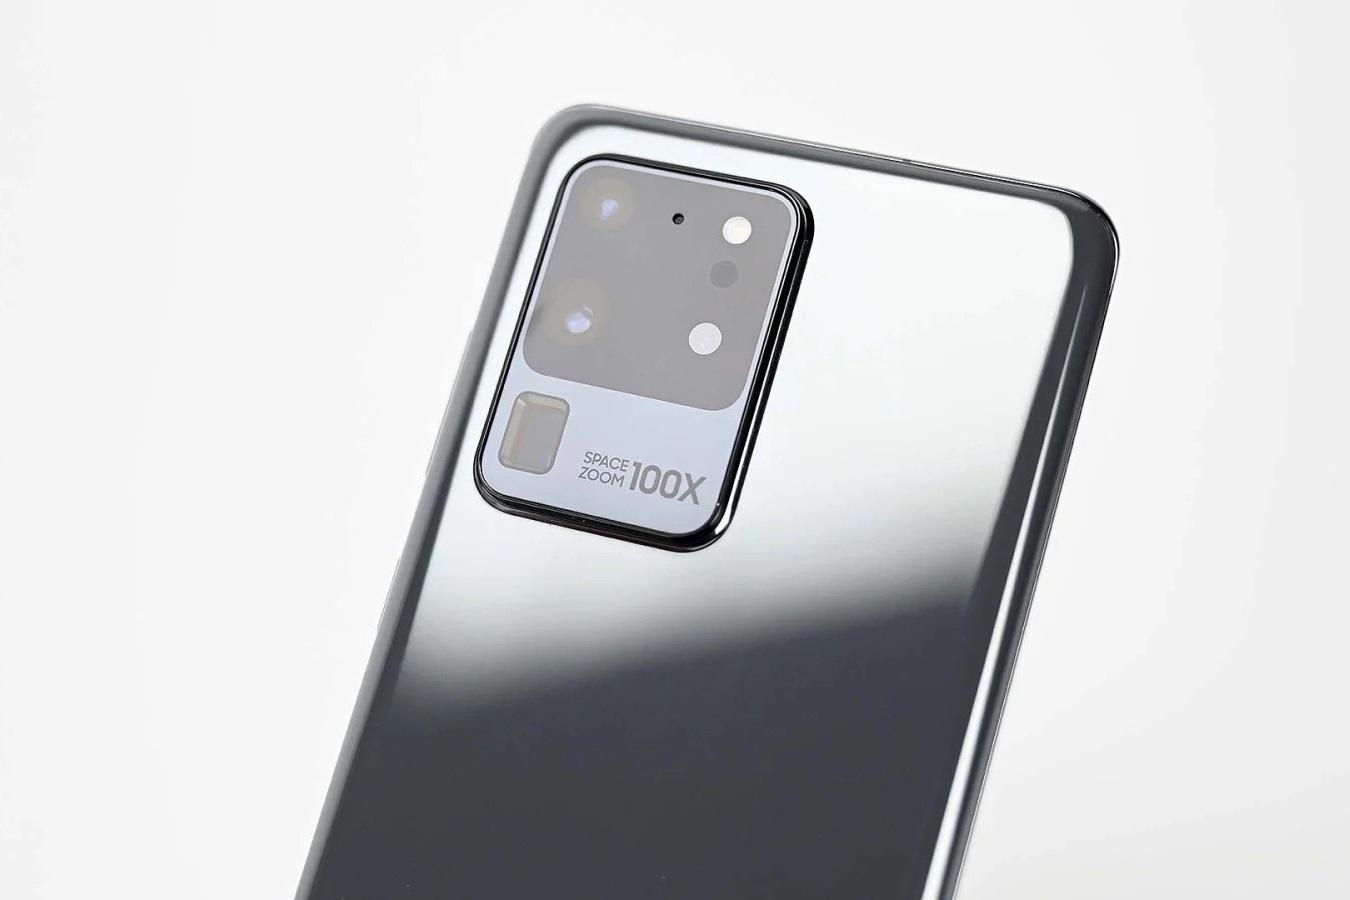 Samsung Galaxy S20: Mang trên mình những công nghệ mới nhất